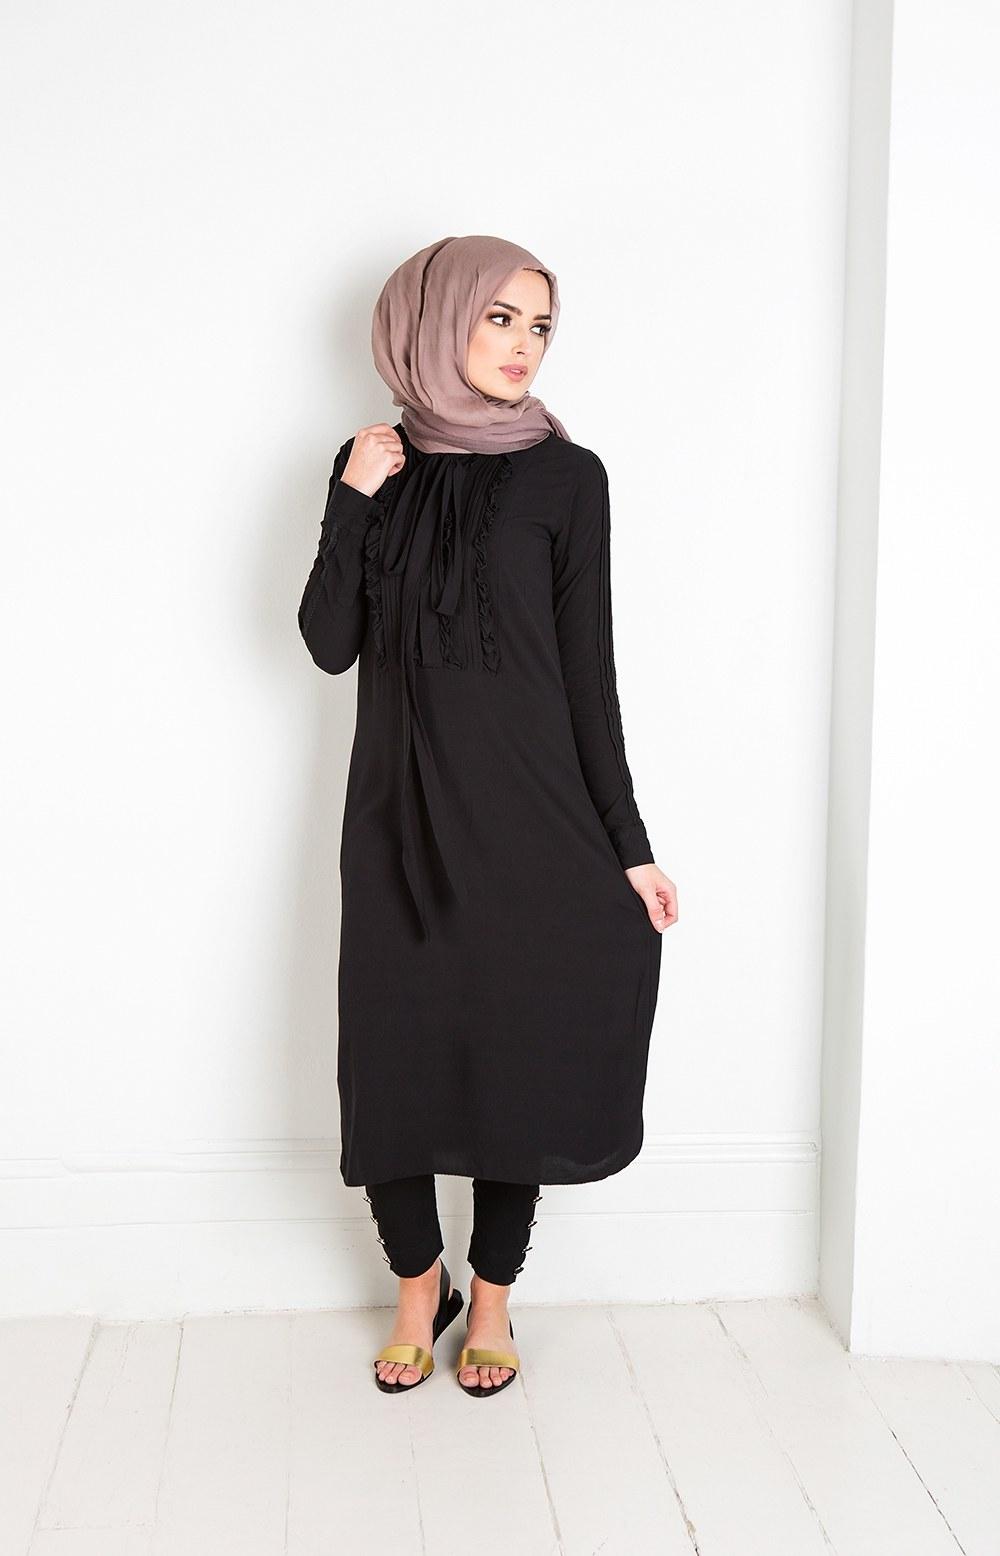 Ide Lihat Model Baju Lebaran Etdg 25 Trend Model Baju Muslim Lebaran 2018 Simple & Modis